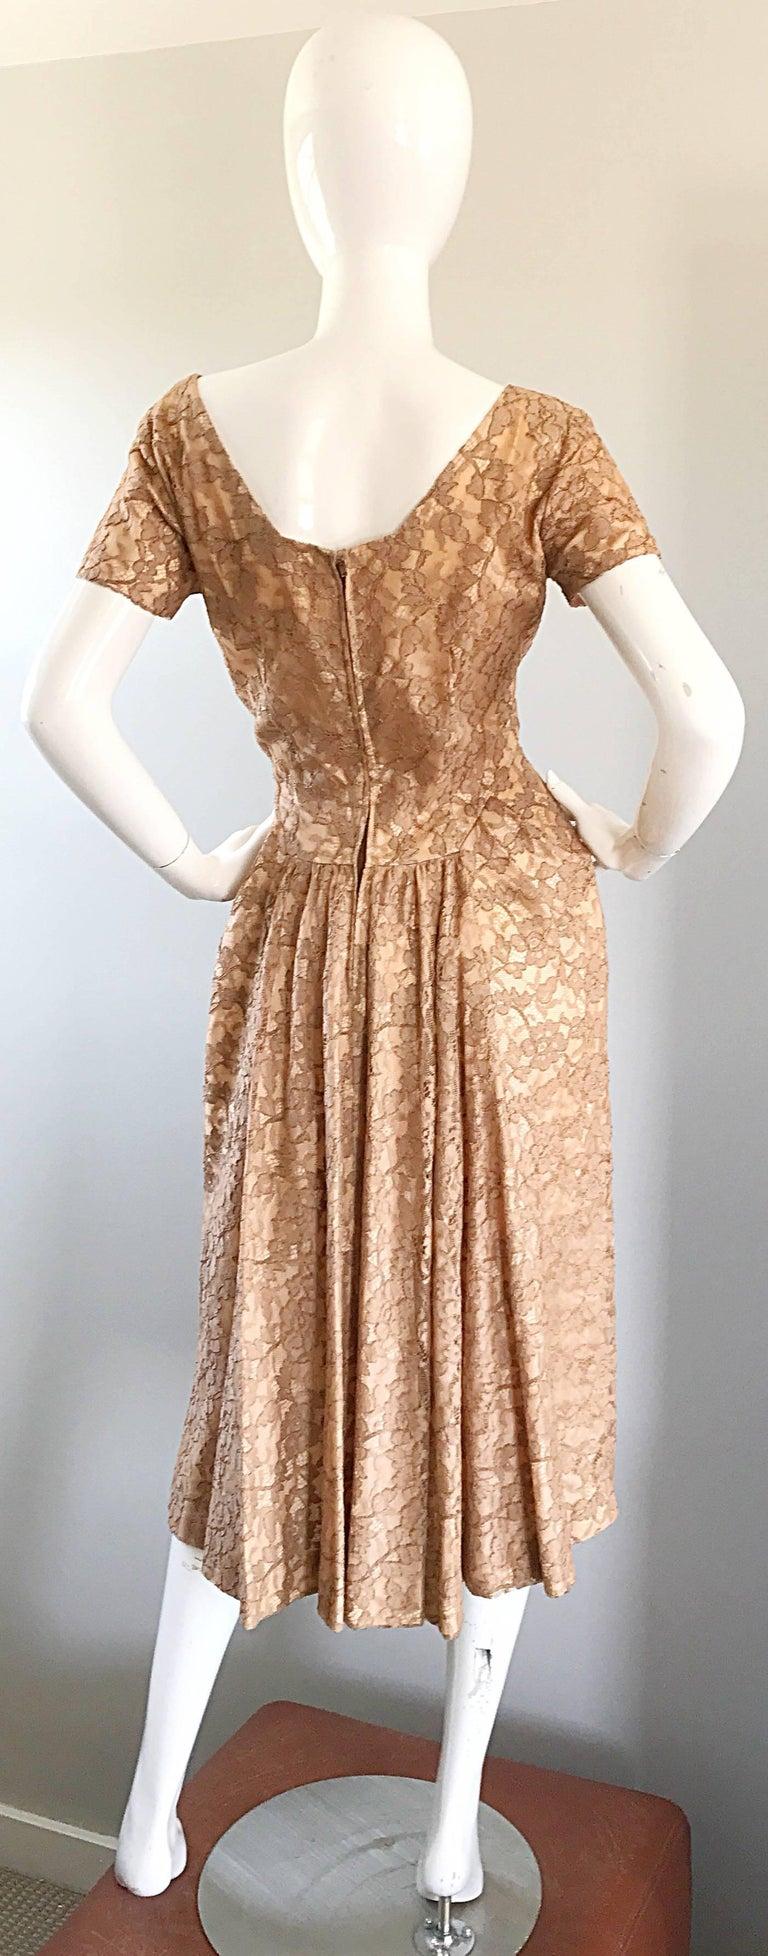 Women's Gorgeous 1950s Demi Couture Tan Beige Nude Silk Lace Sequins 50s Vintage Dress